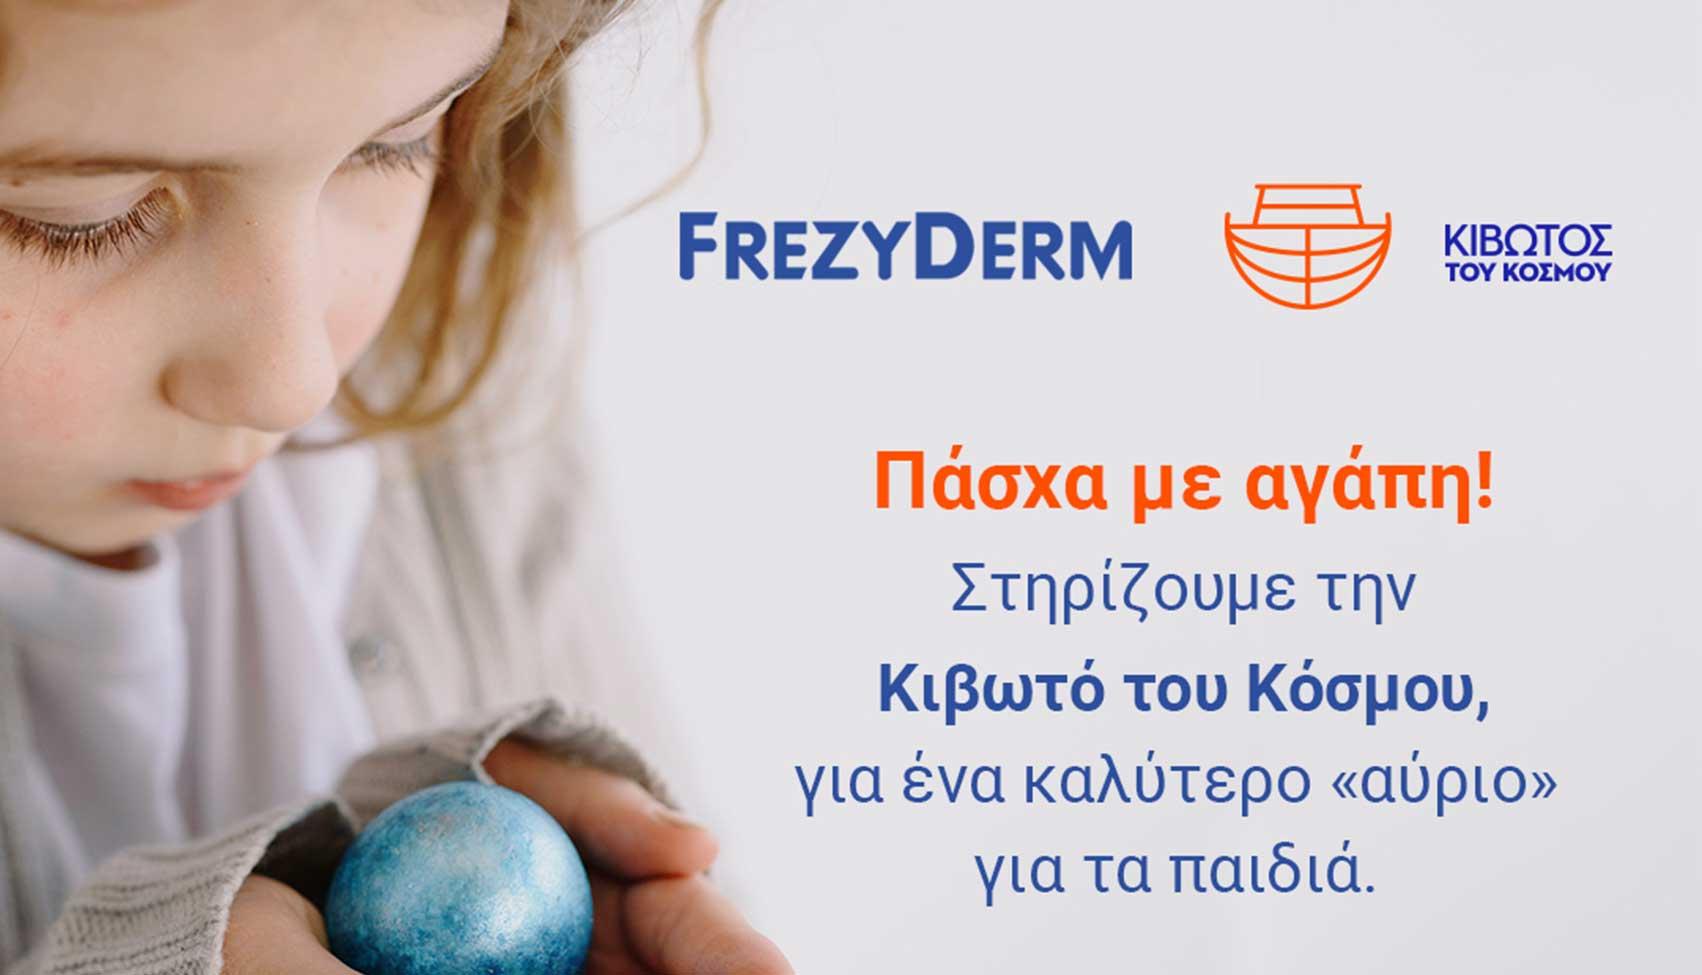 H Frezyderm στηρίζει την Κιβωτό του Κόσμου